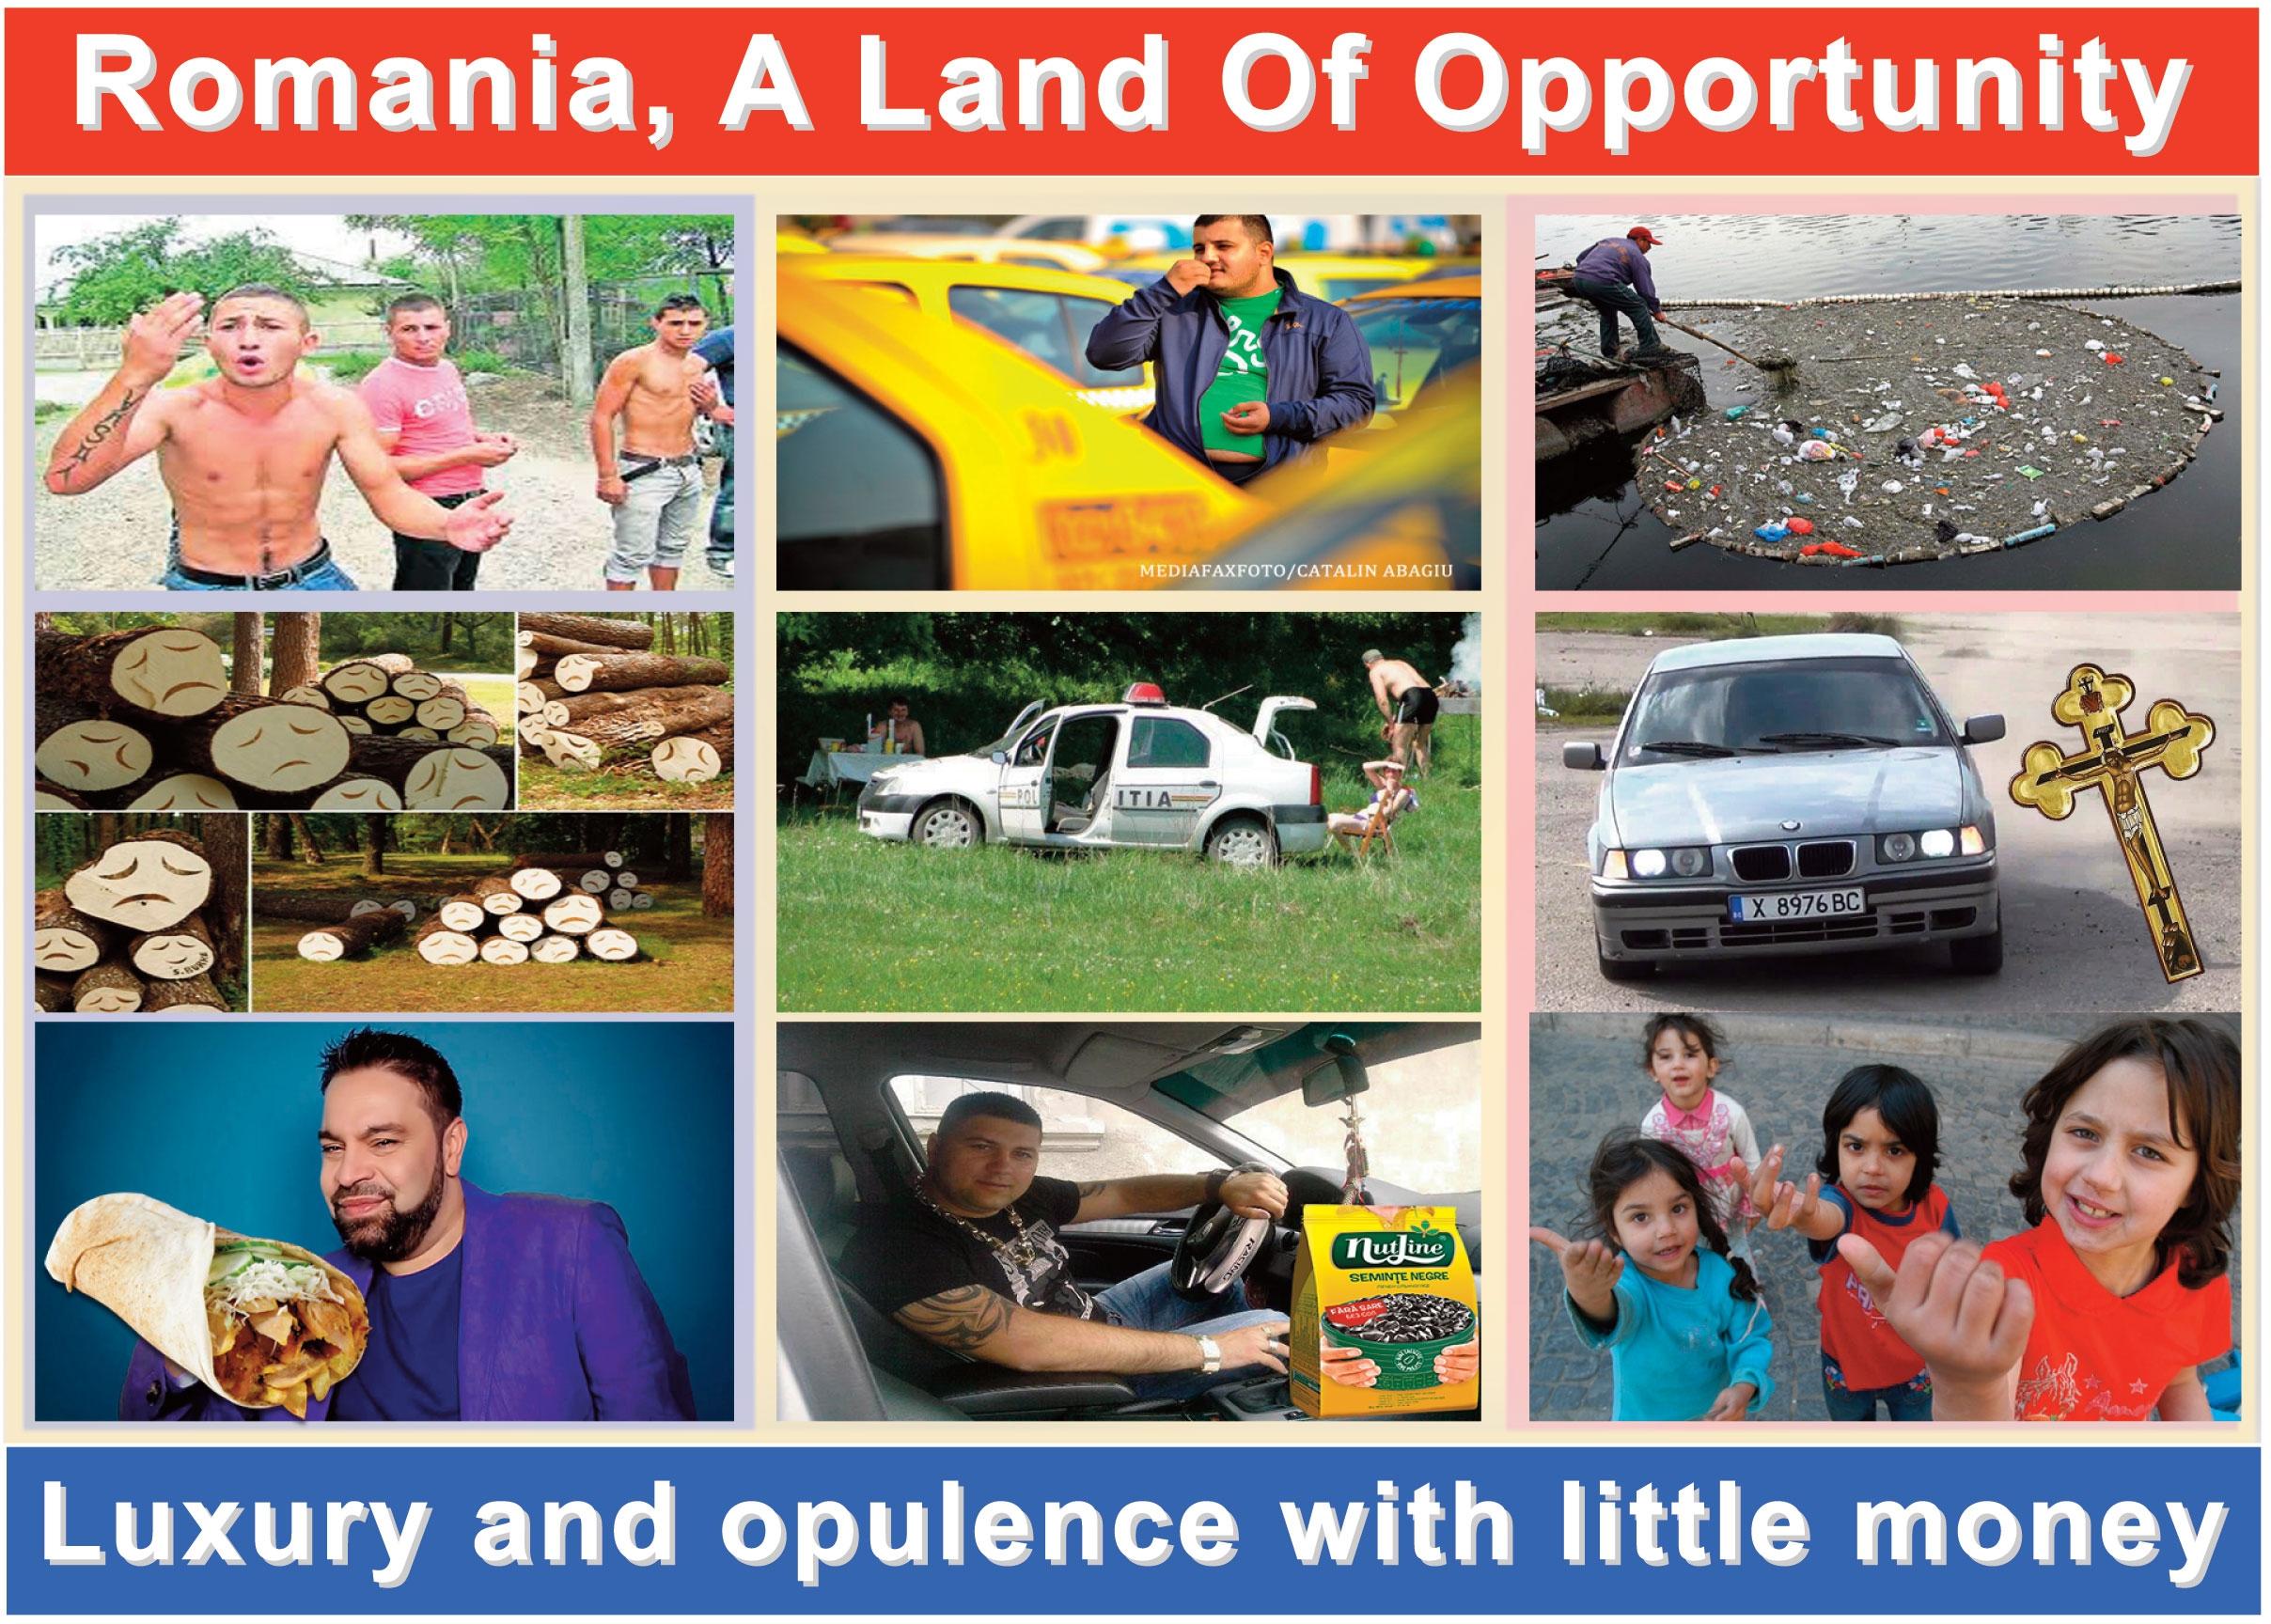 Ministrul Turismului tipăreşte noi broşuri de promovare a României. Vezi ce model i-a trecut prin cap